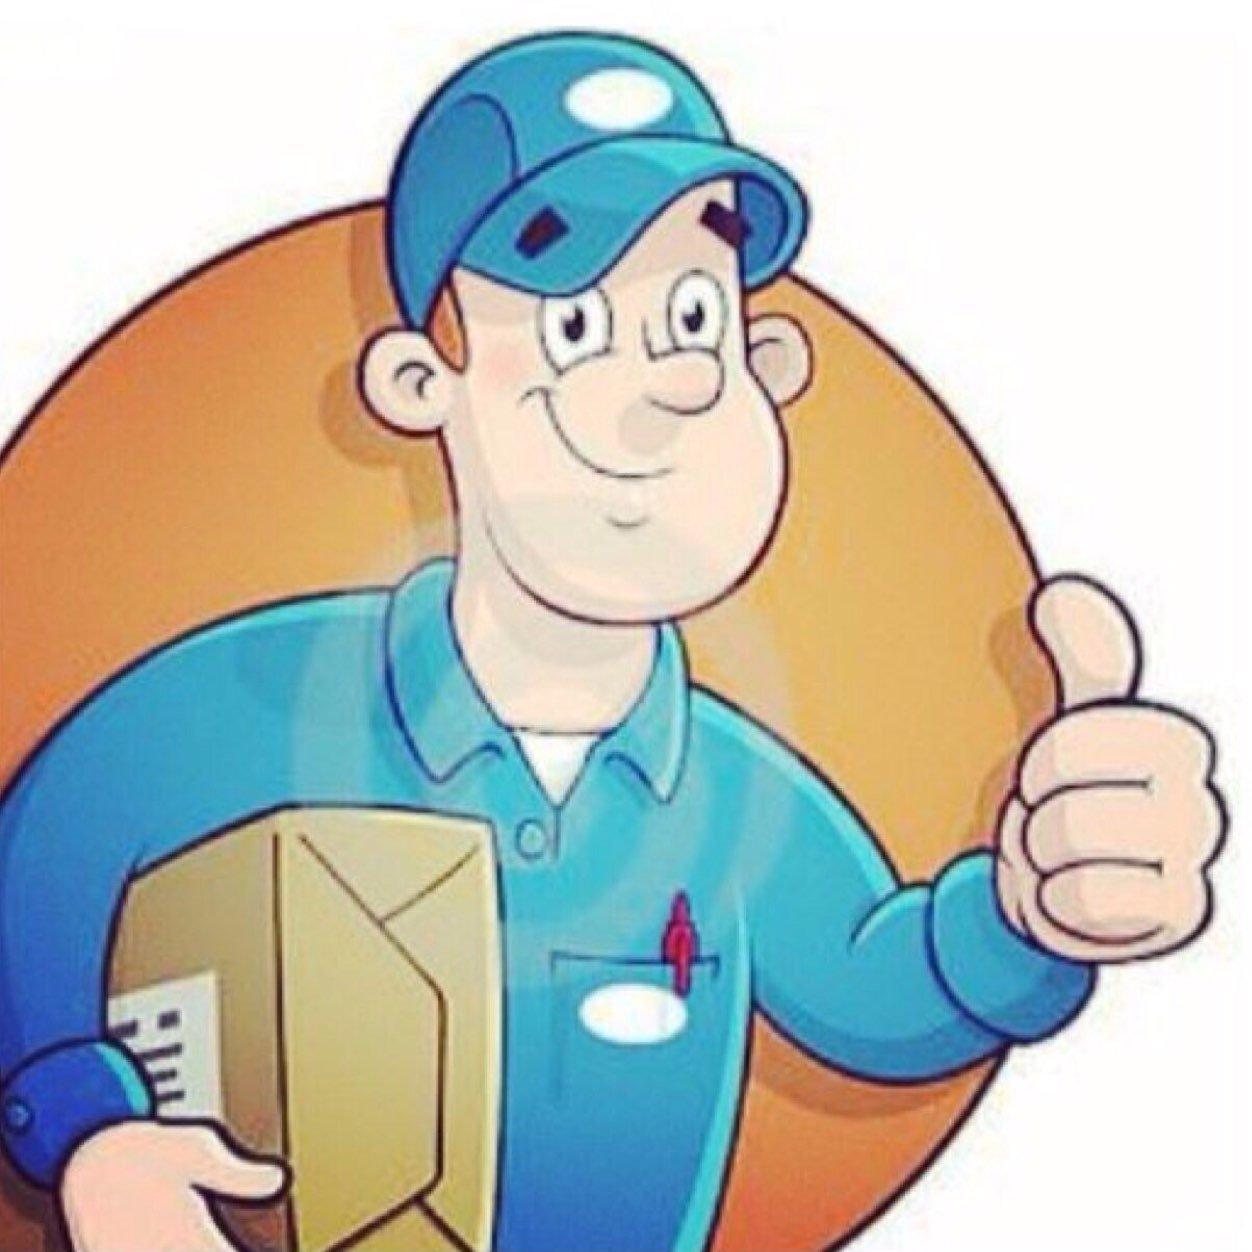 بالصور توصيل الطلبات للمنازل بالرياض , التقدم في الرياض من اجل توصيل الطلبات للمنازل 11693 4